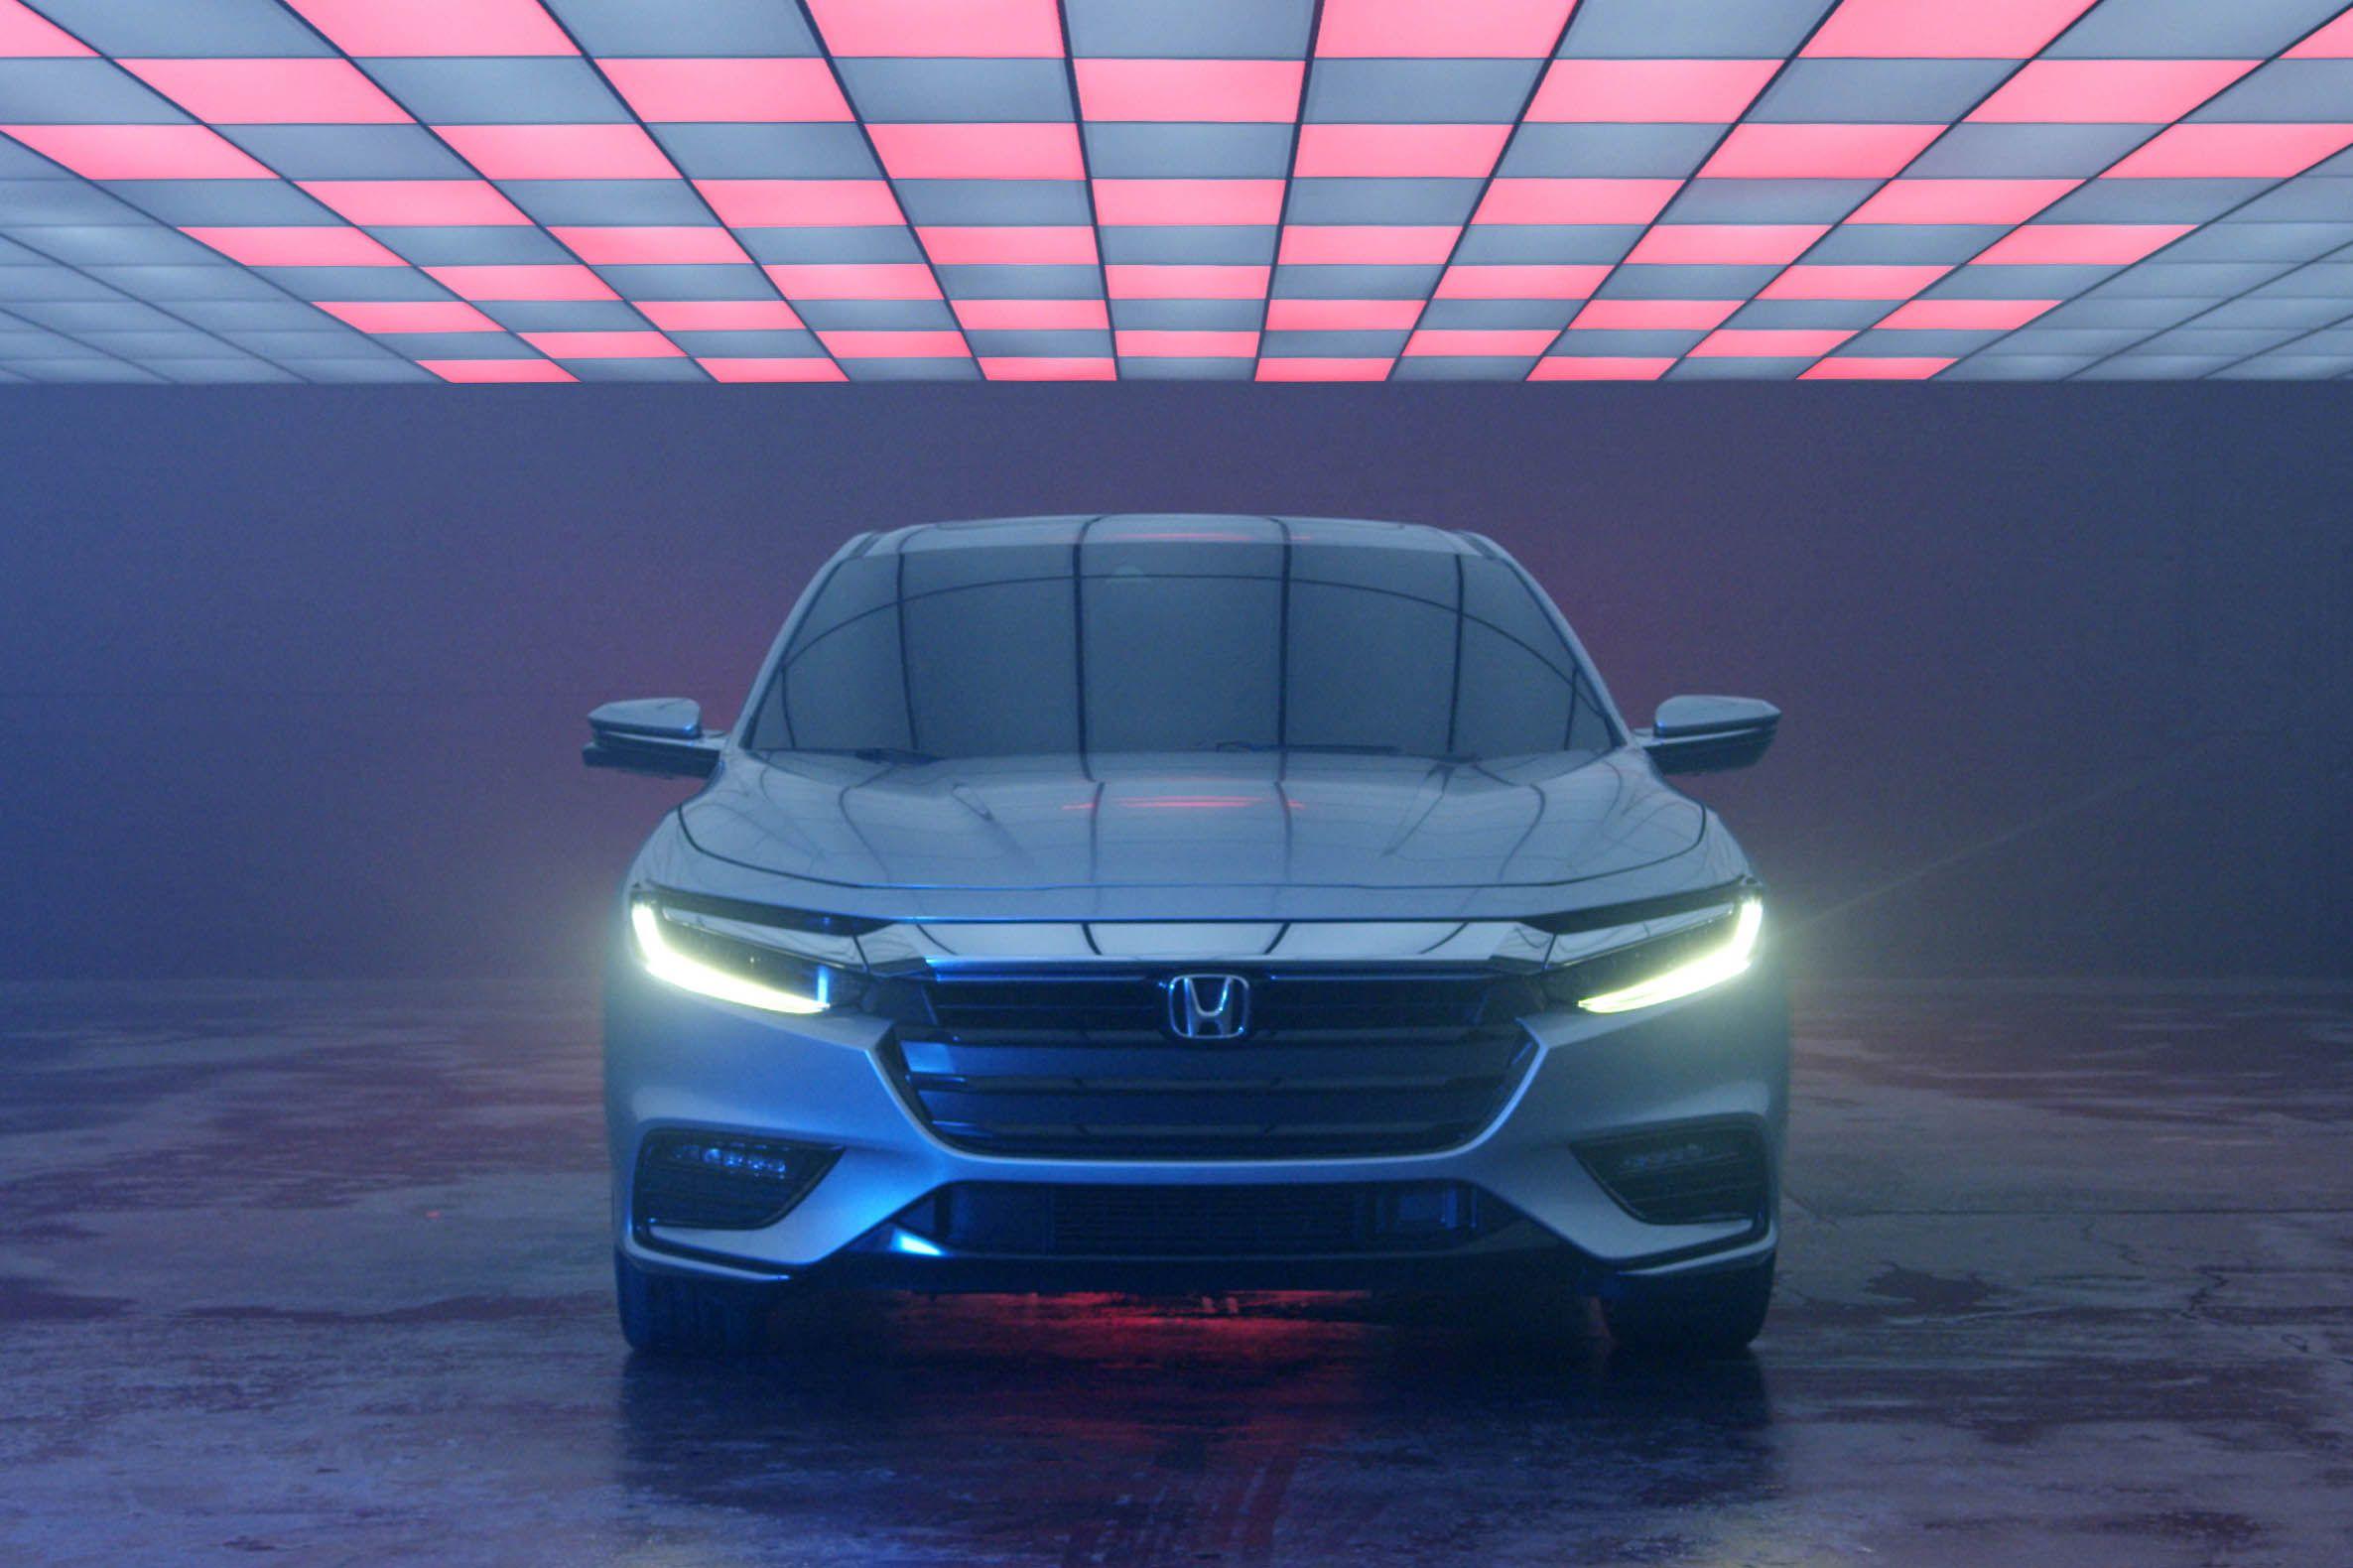 Honda estrena los nuevos prototipos del Insight y del Acura RDX en el Salón de Detroit